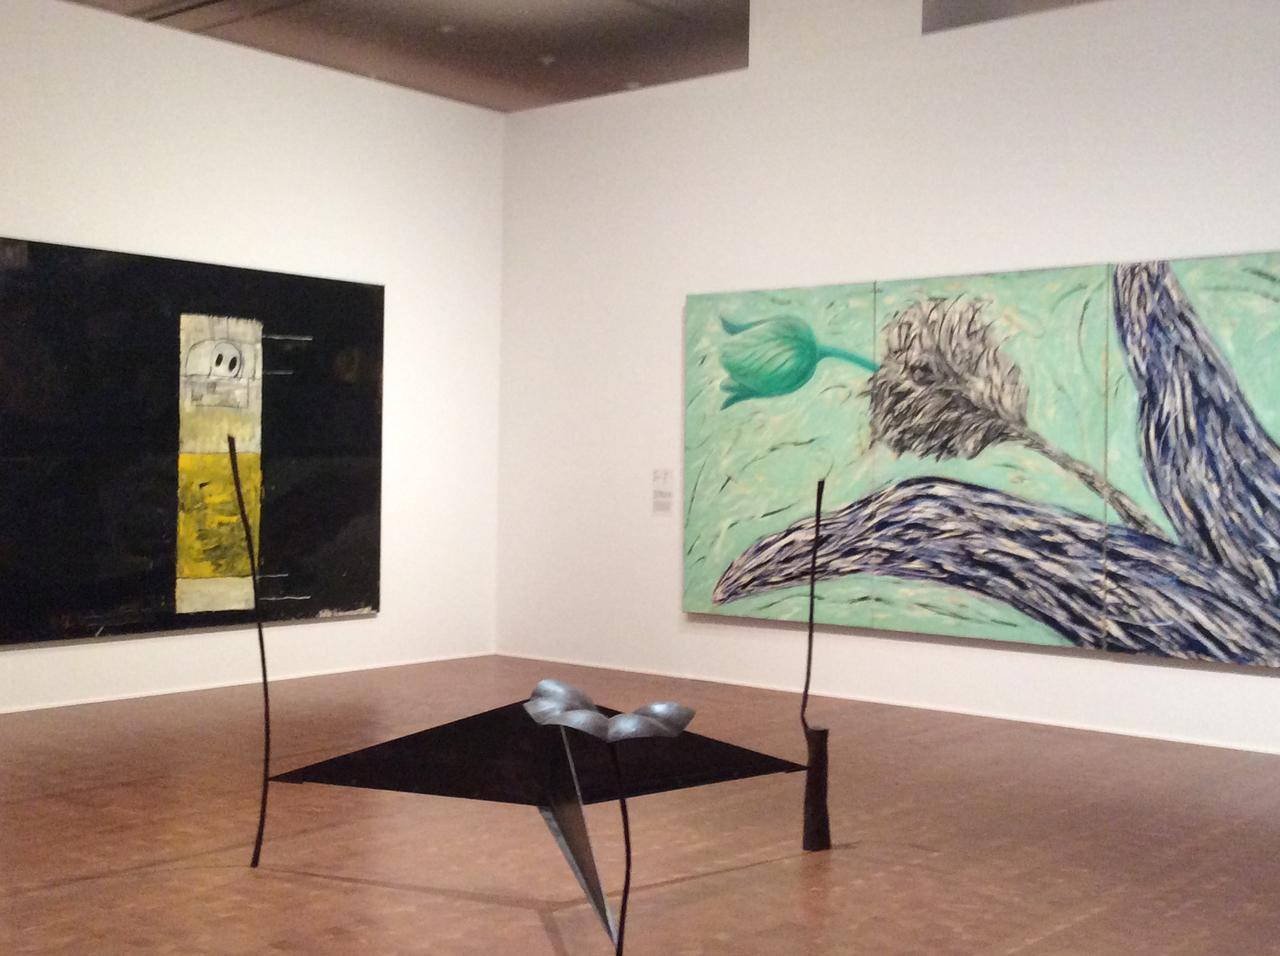 画像: 左)吉本作次《中断された眠り I》1985年 作家蔵 真ん中)宮﨑豊治《身辺モデル-類似比》1985年 国立国際美術館蔵 右)山部泰司《AIR-PLANT(85-8)》1985年 作家蔵 photo©︎cinefil